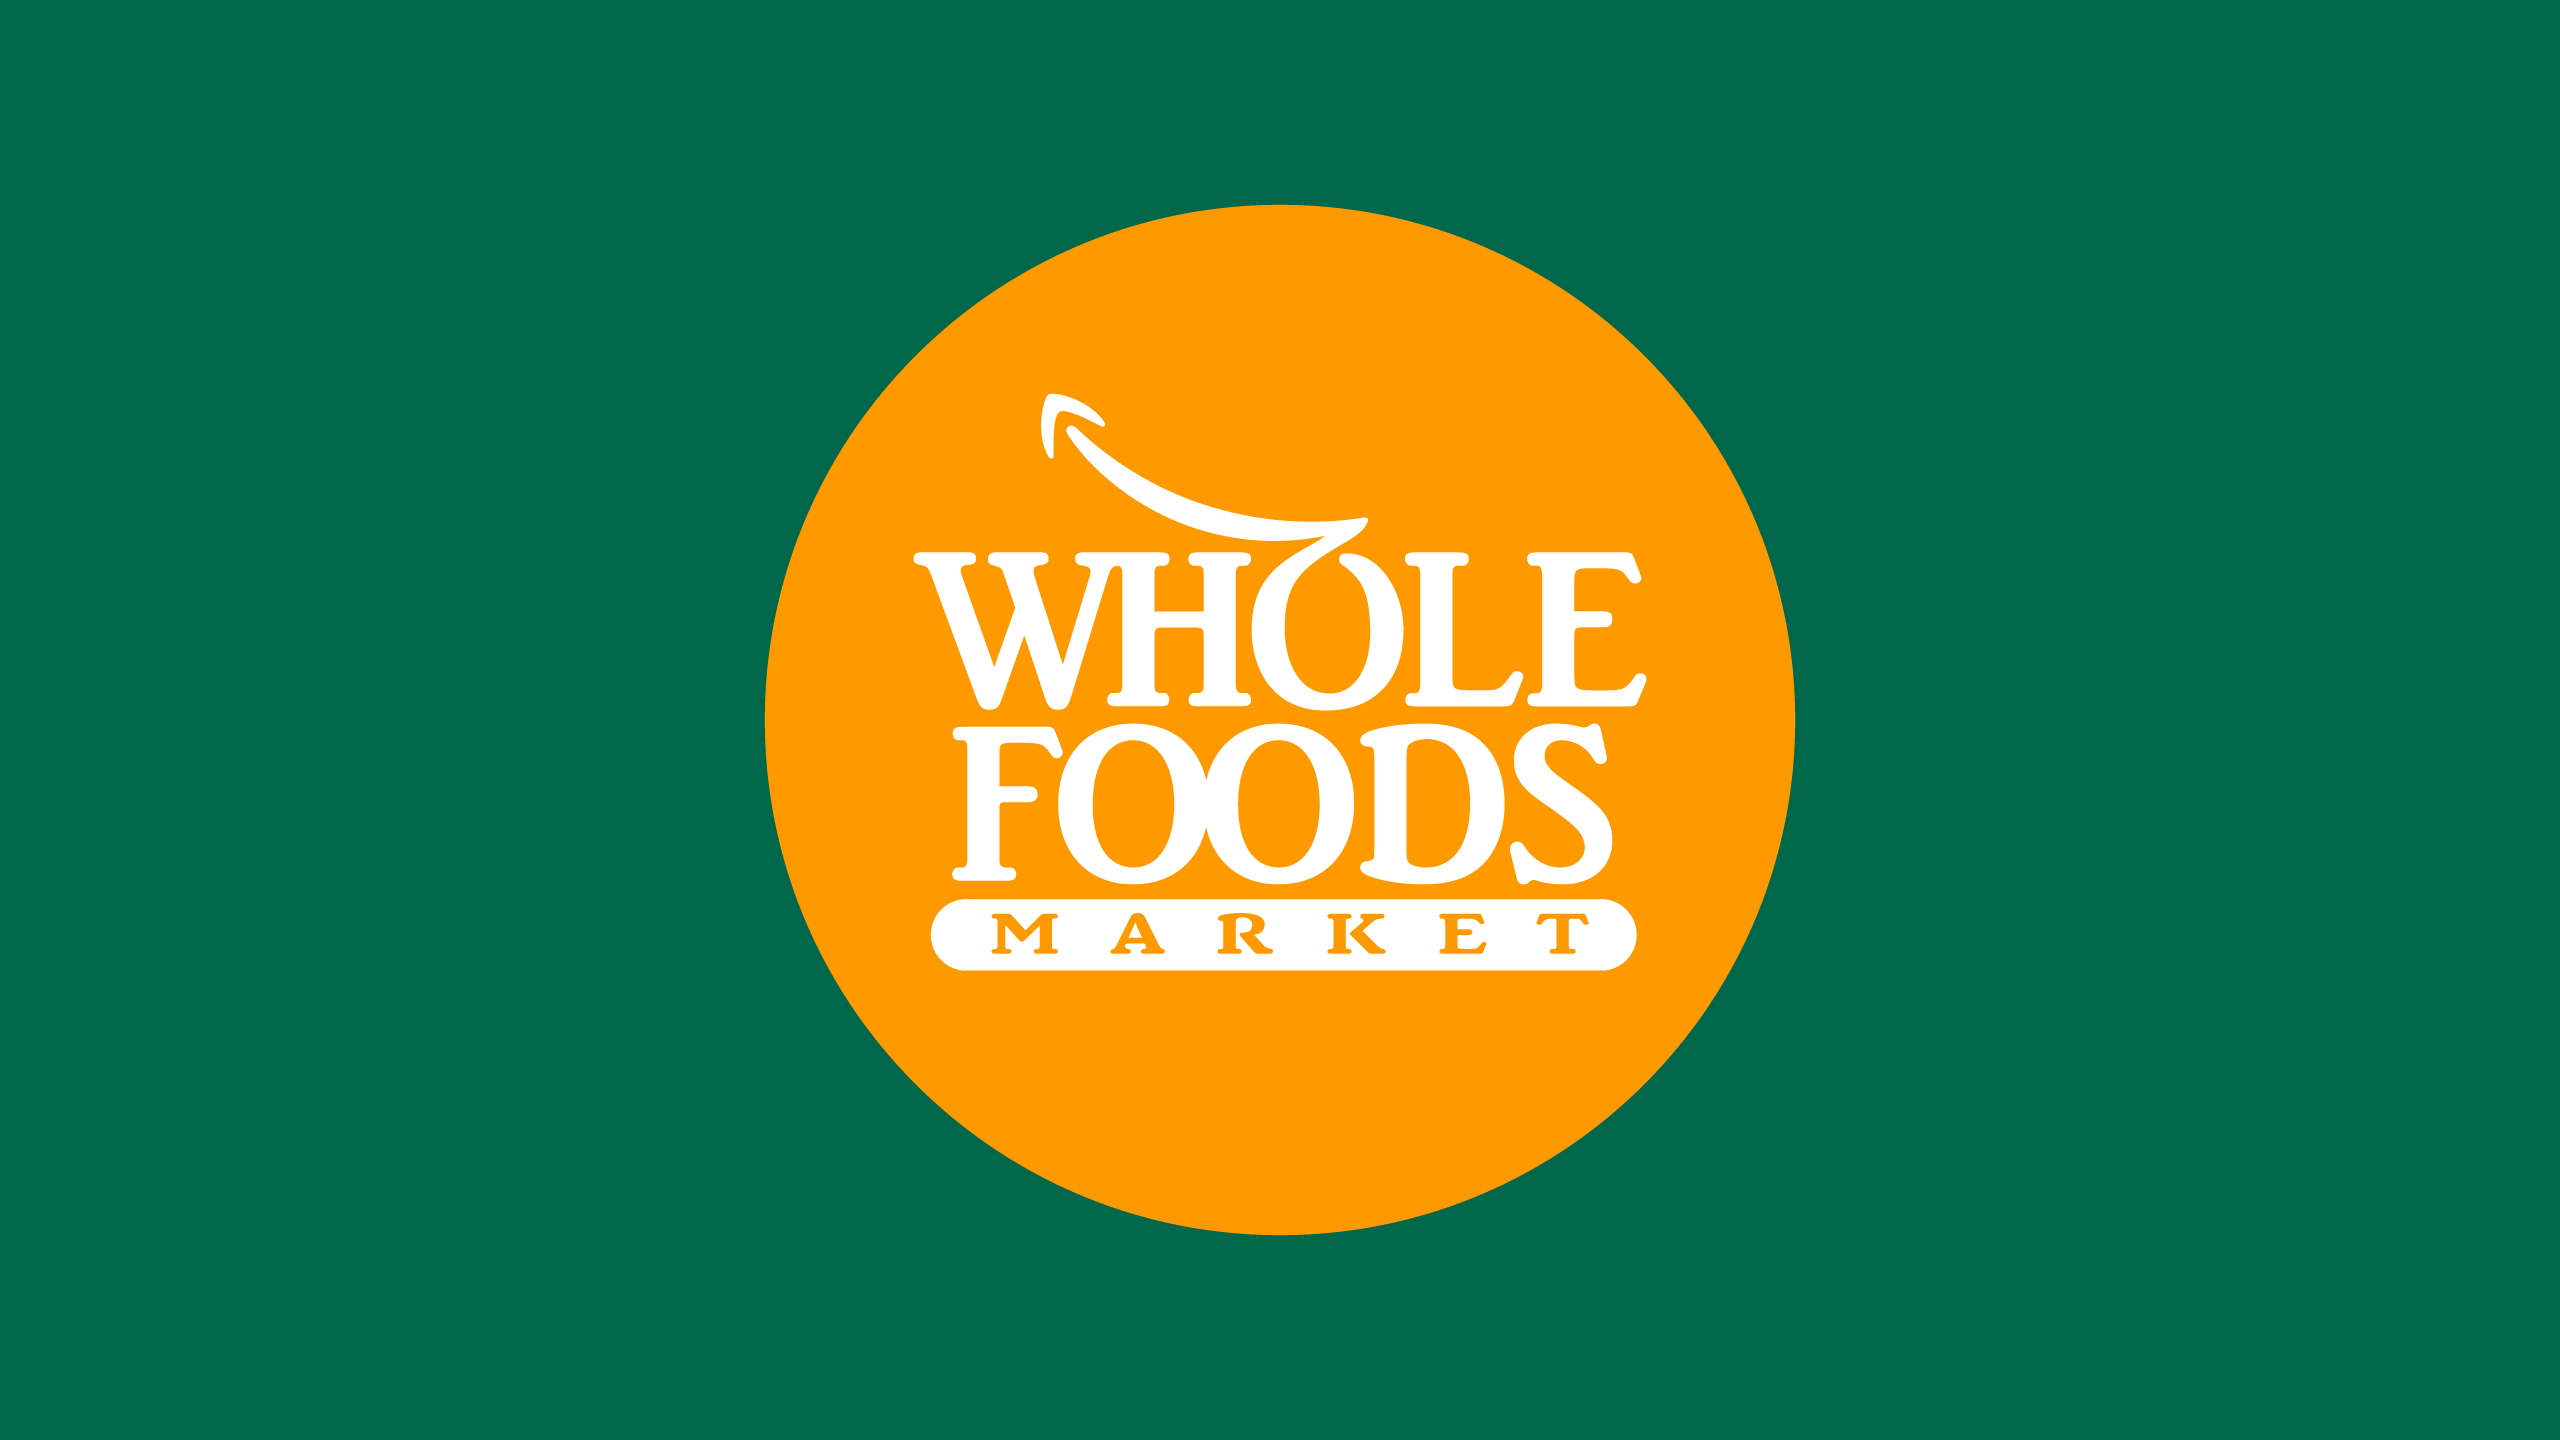 Amazon Whole Foods Partnership